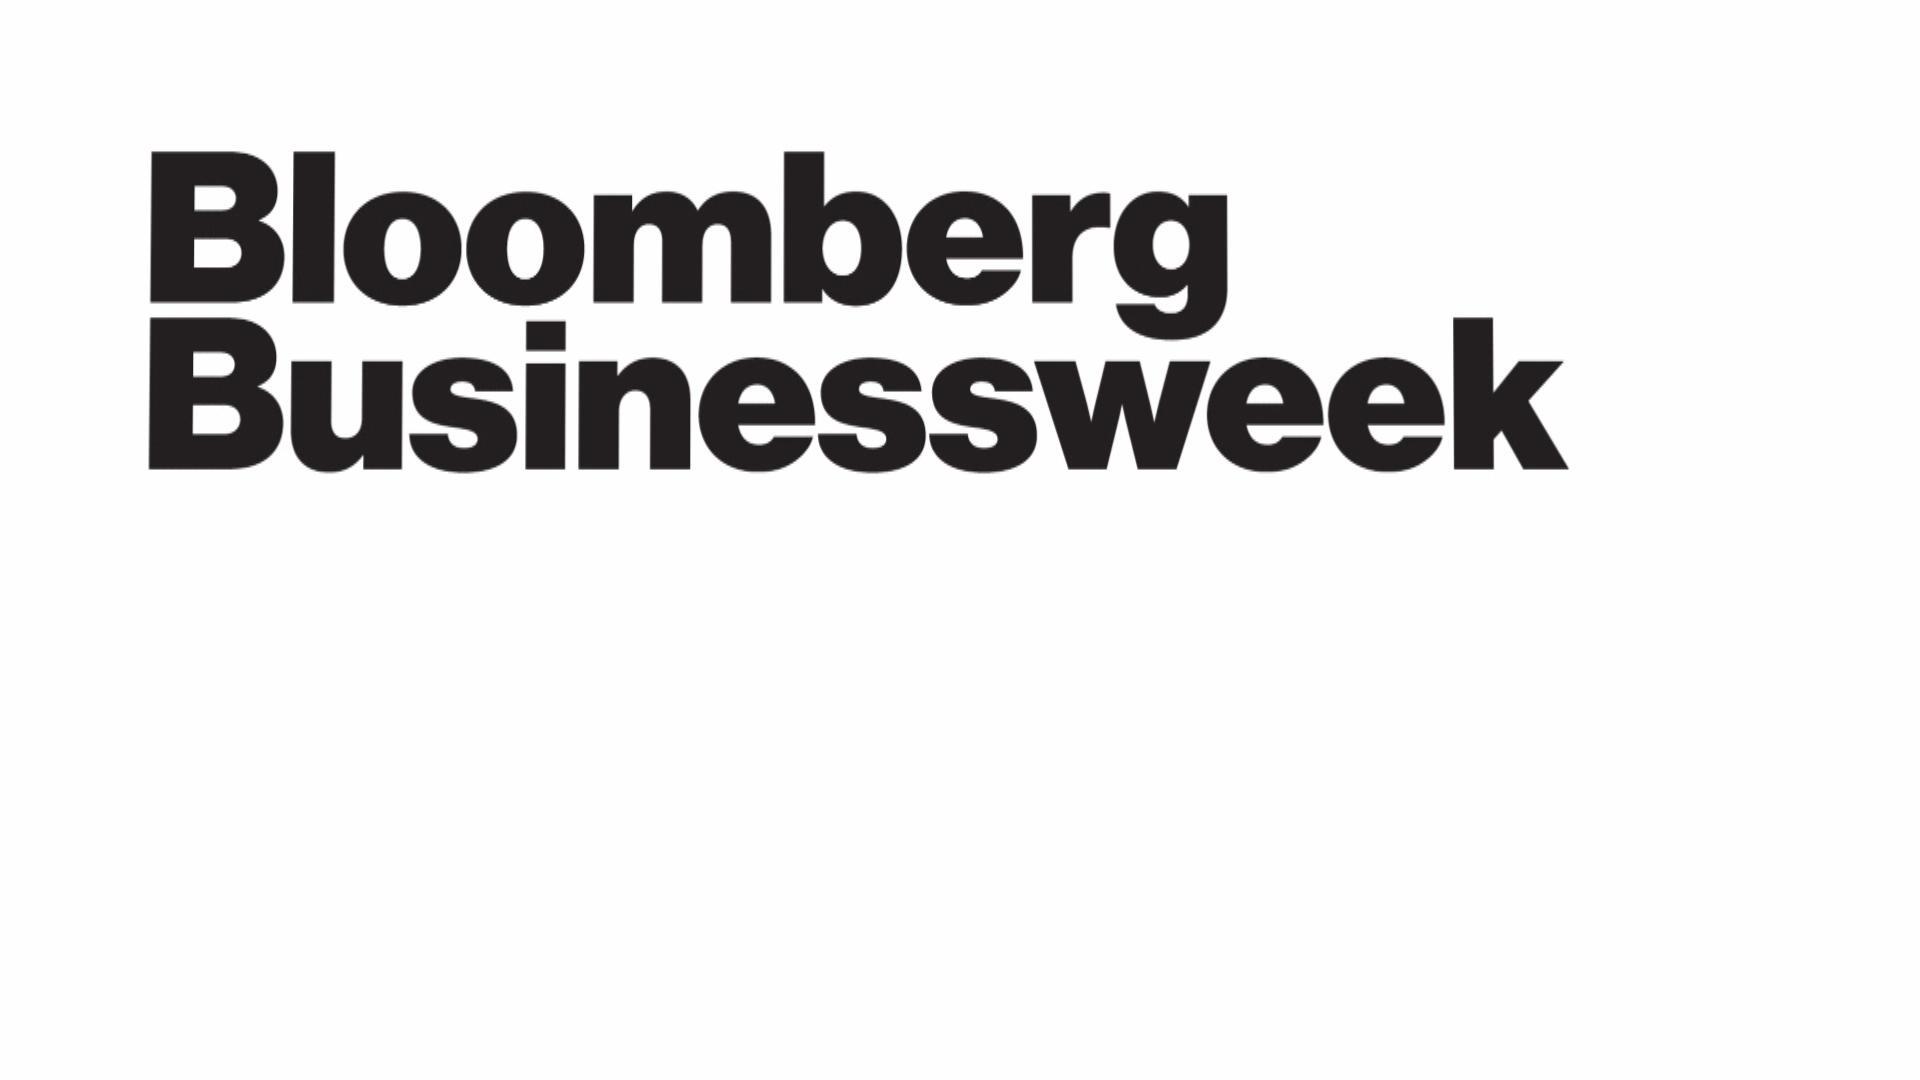 Bloomberg BusinessWeek - Week Of 09/13/19